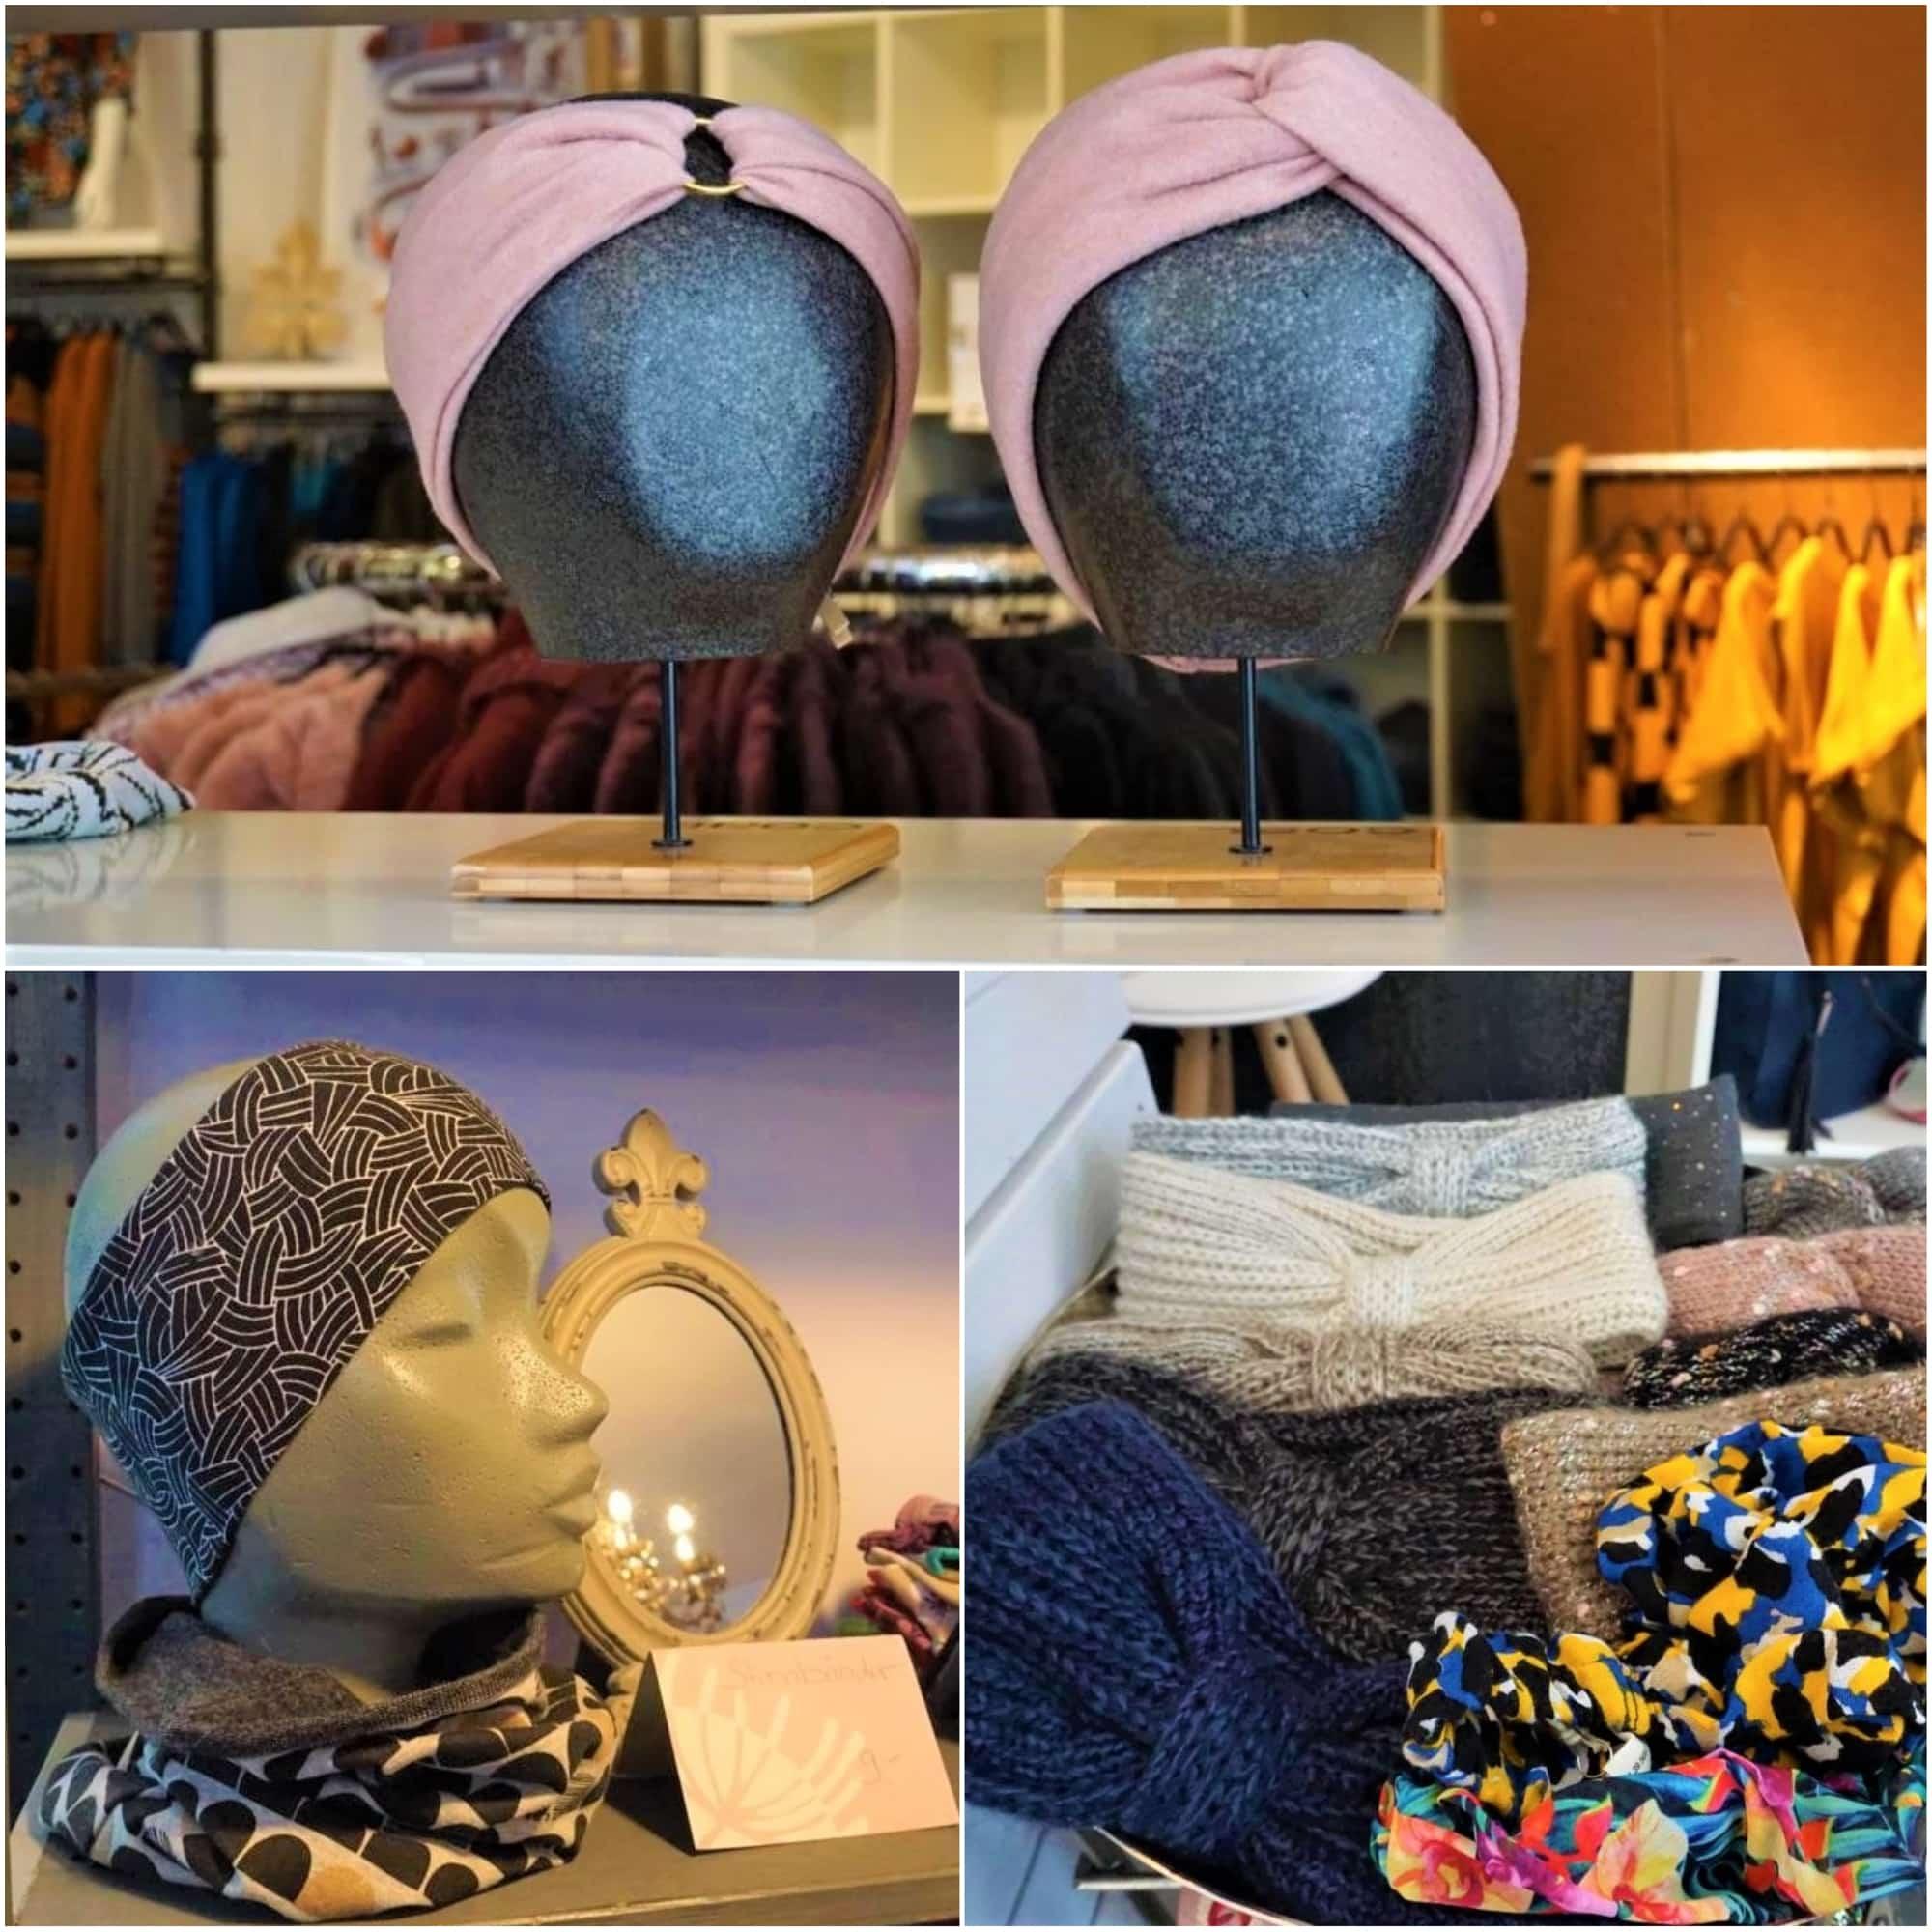 b3ddfe7f51316a Style Hannover Style Mode Kopfbedeckung Designkombinat Pepafarina  Frauenschnickschnack - Coole Kopfbedeckungen für warme Ohren